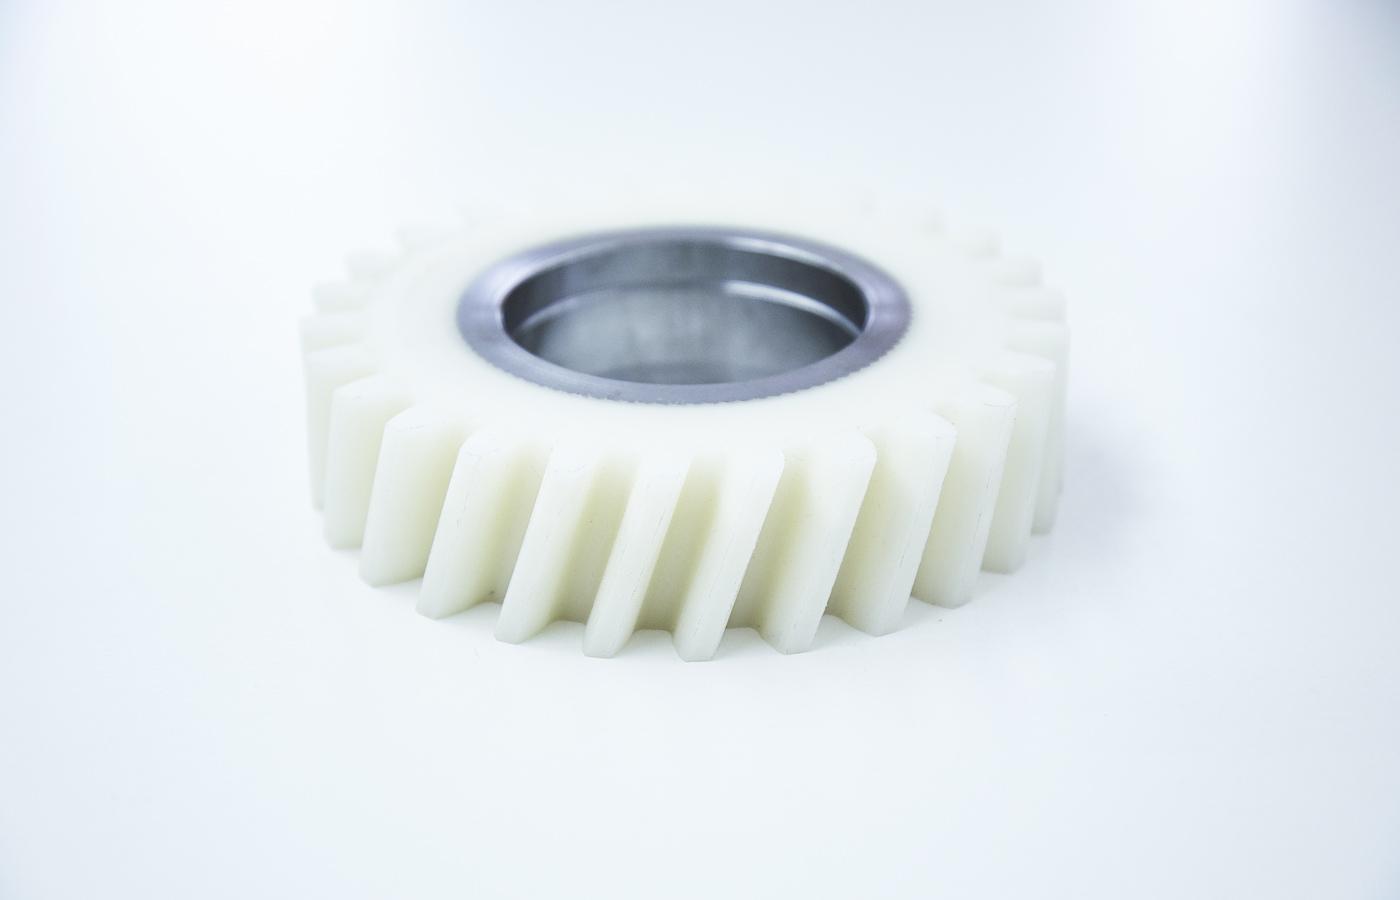 Zahnradkomponenten für den Maschinen- und Anlagenbau